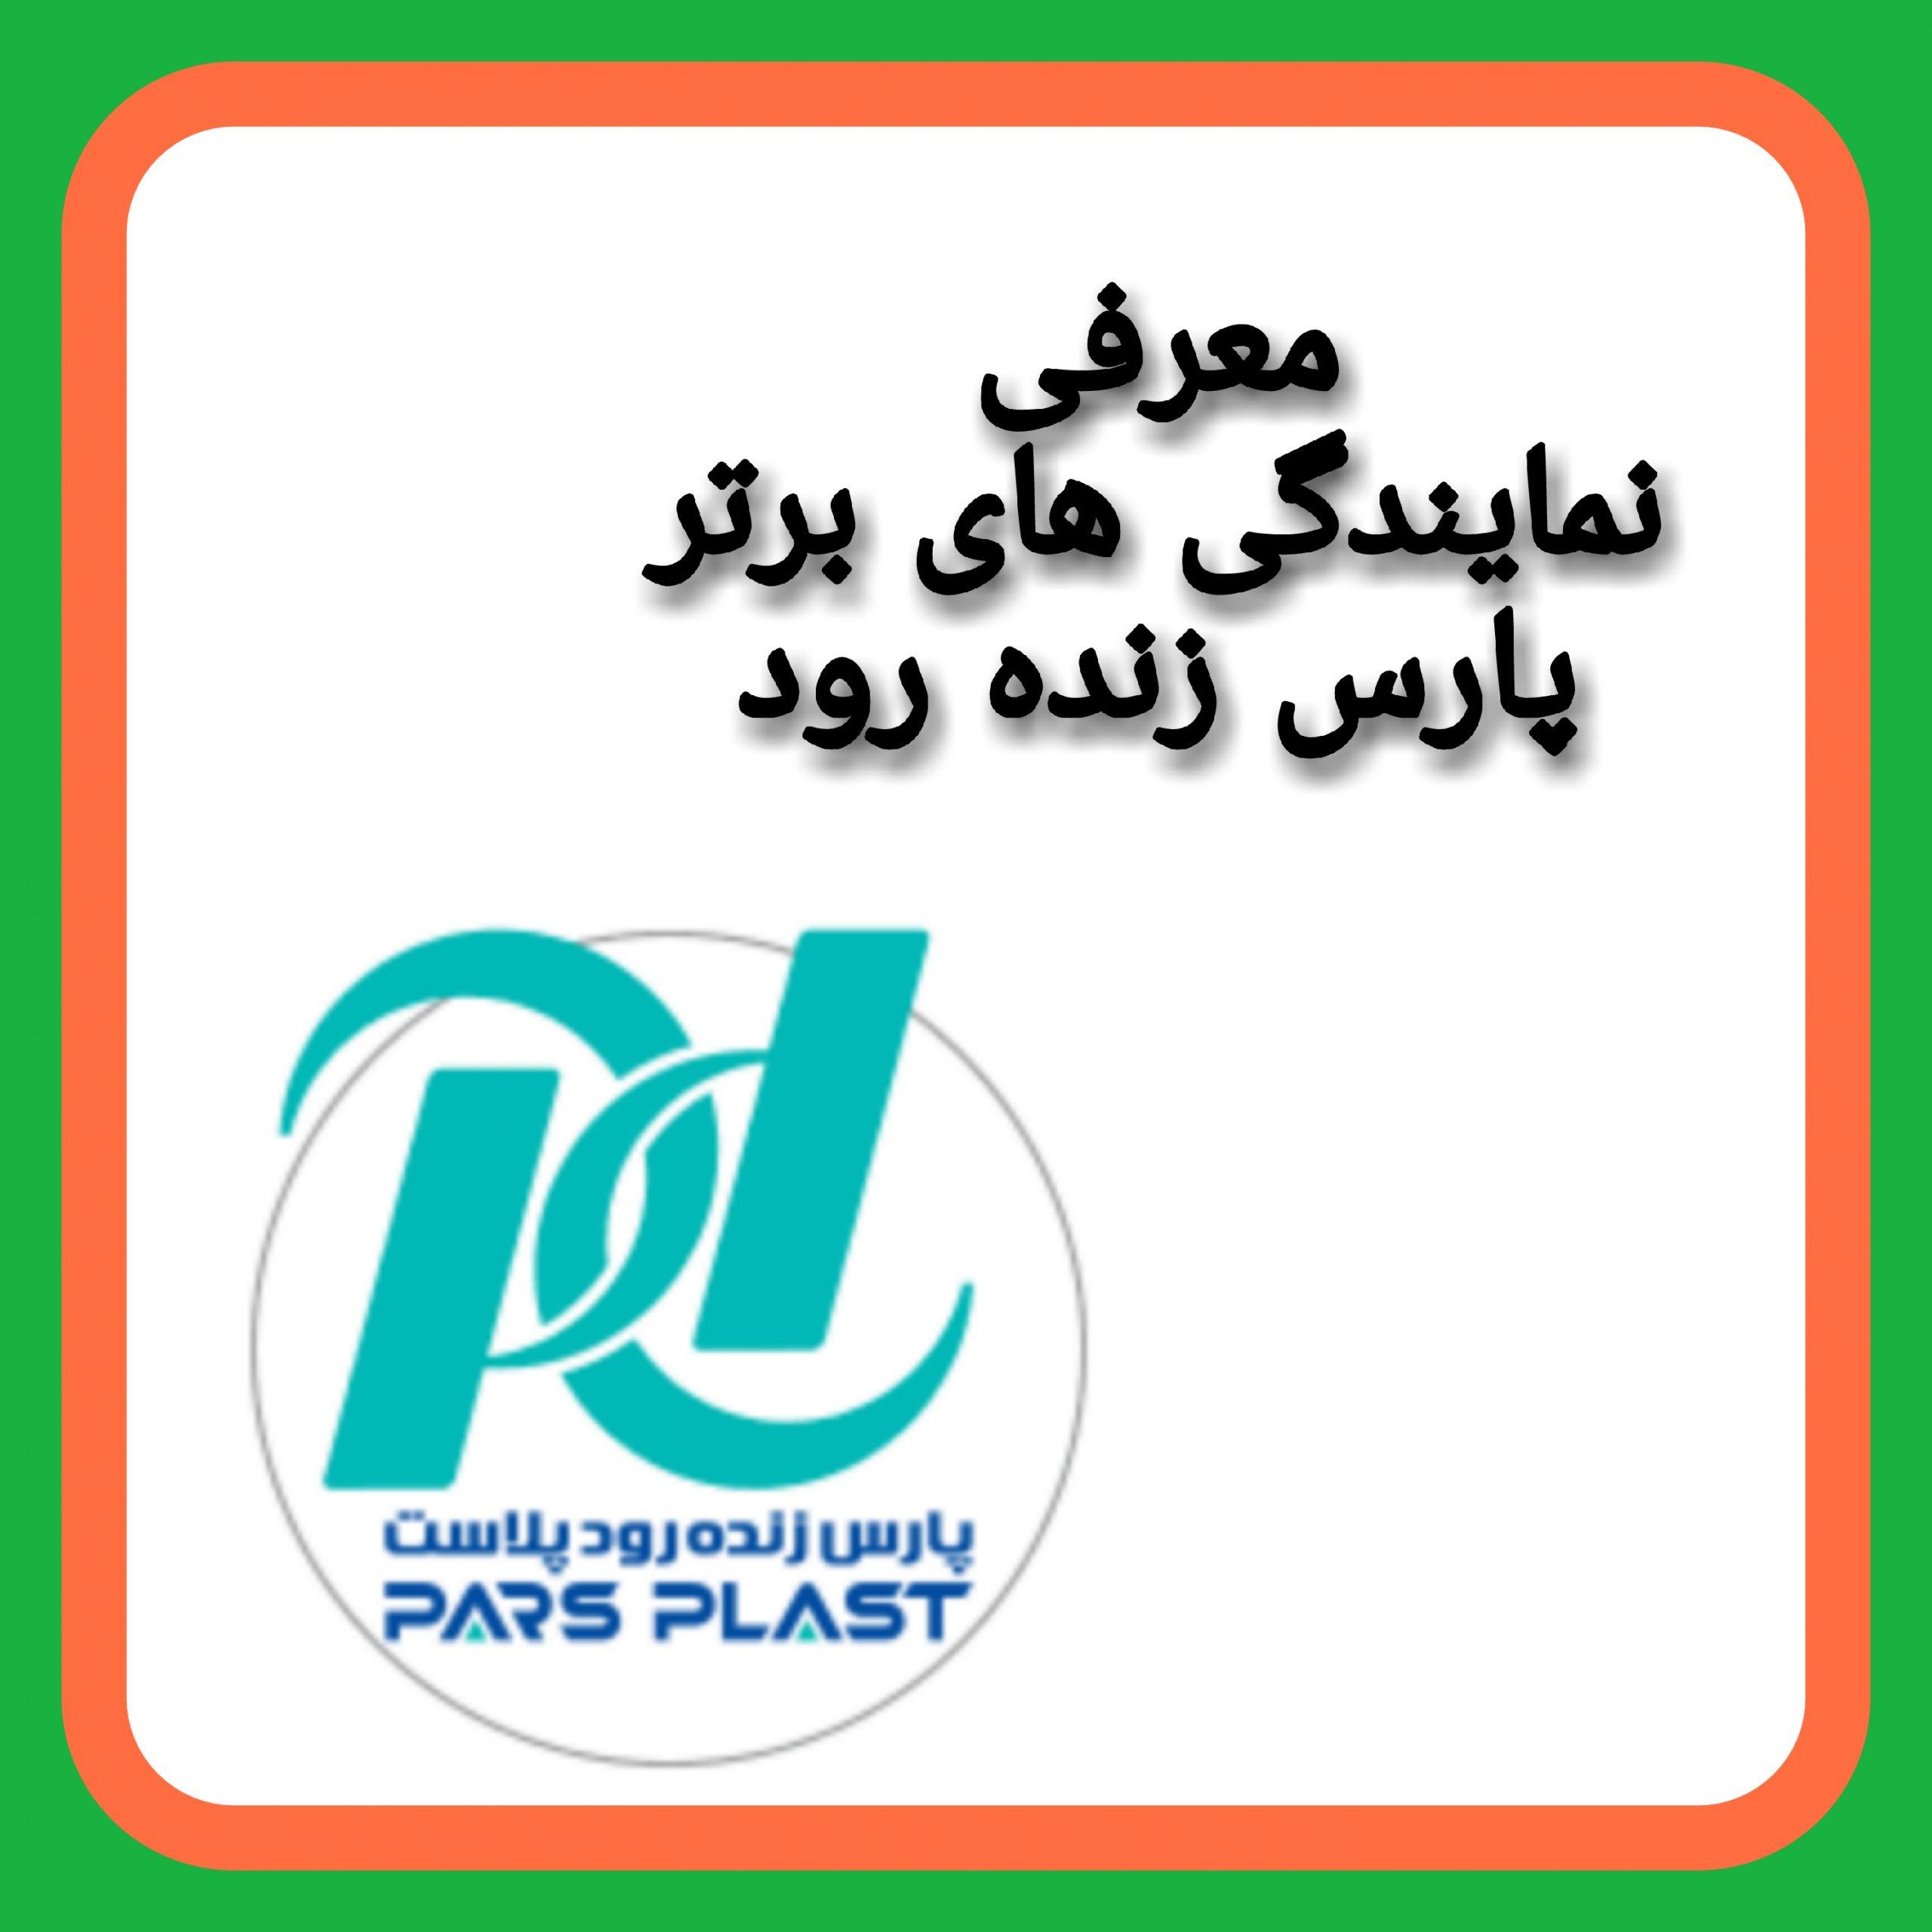 کعرفی نمایندگی های برتر پارس زنده رود